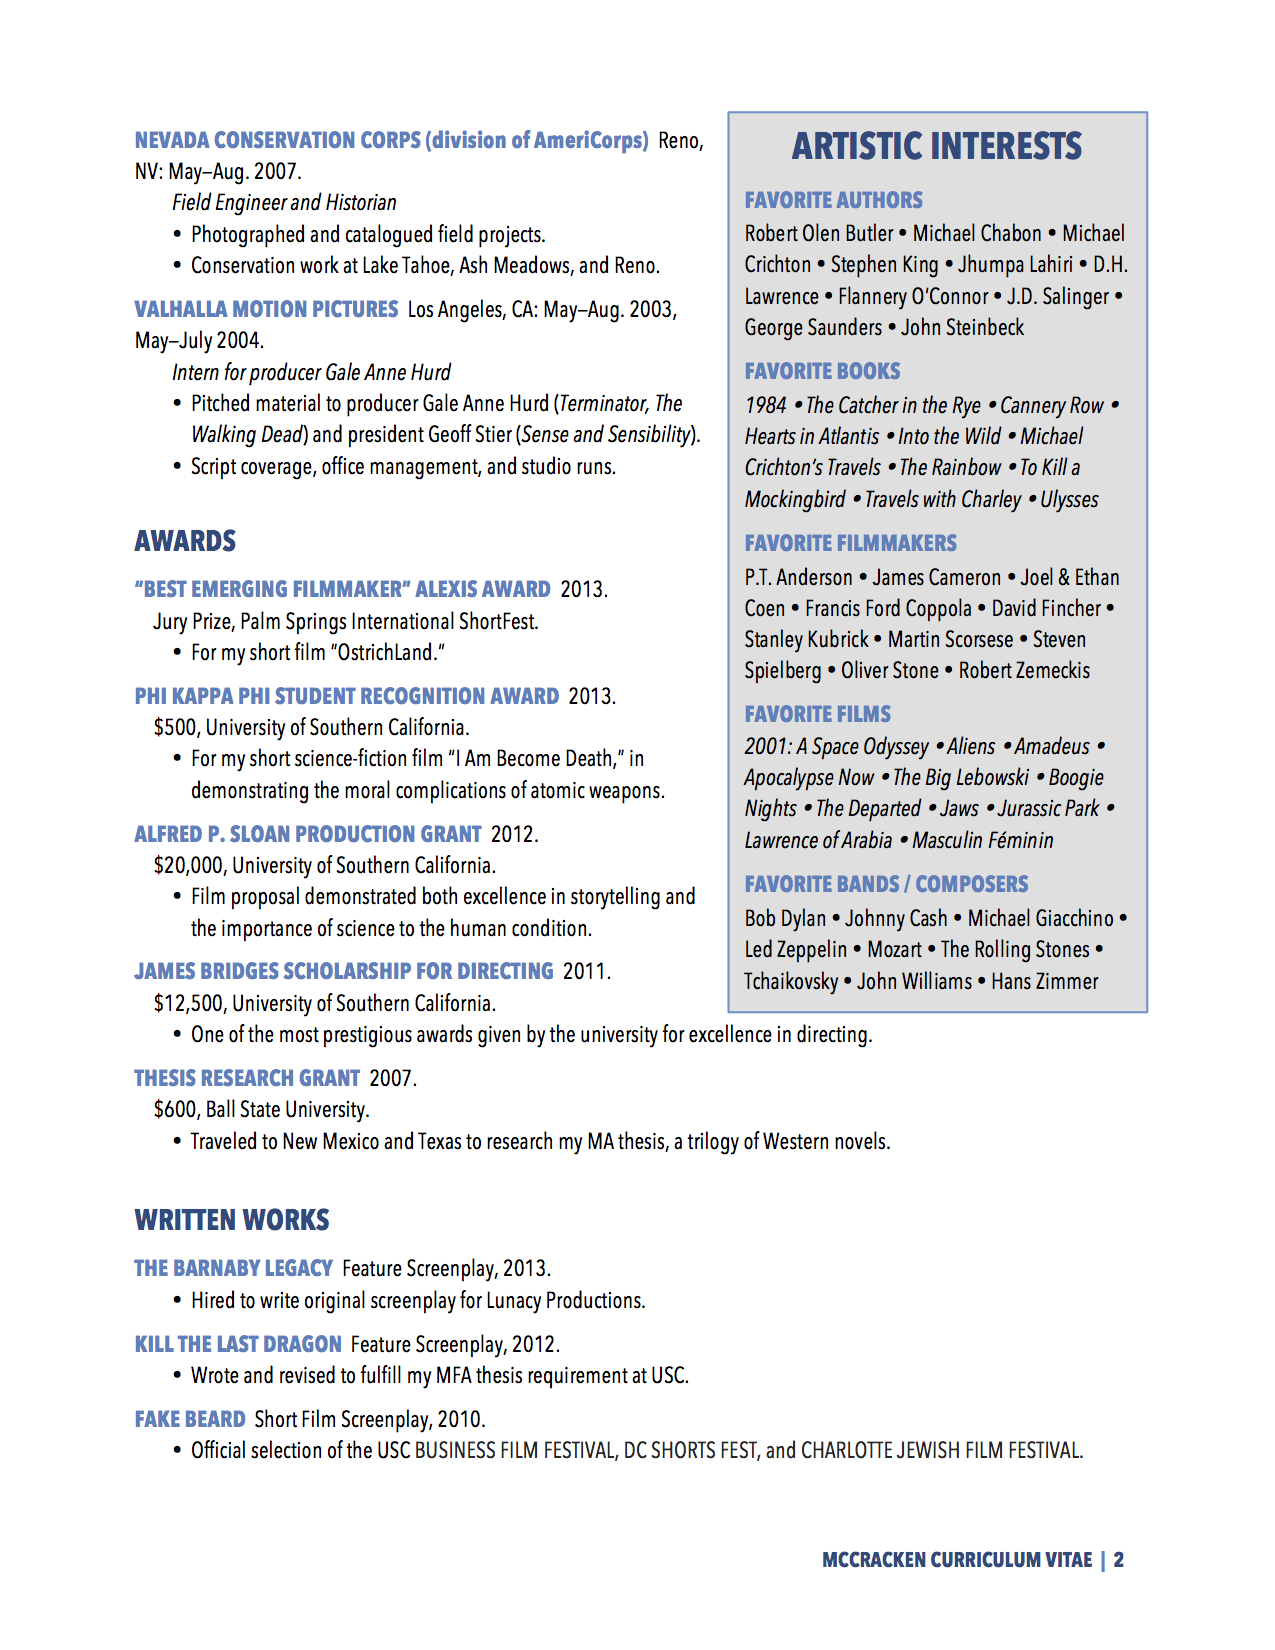 DavidMcCracken_C.V.(01.03.2014)_For Website_(pg2).png